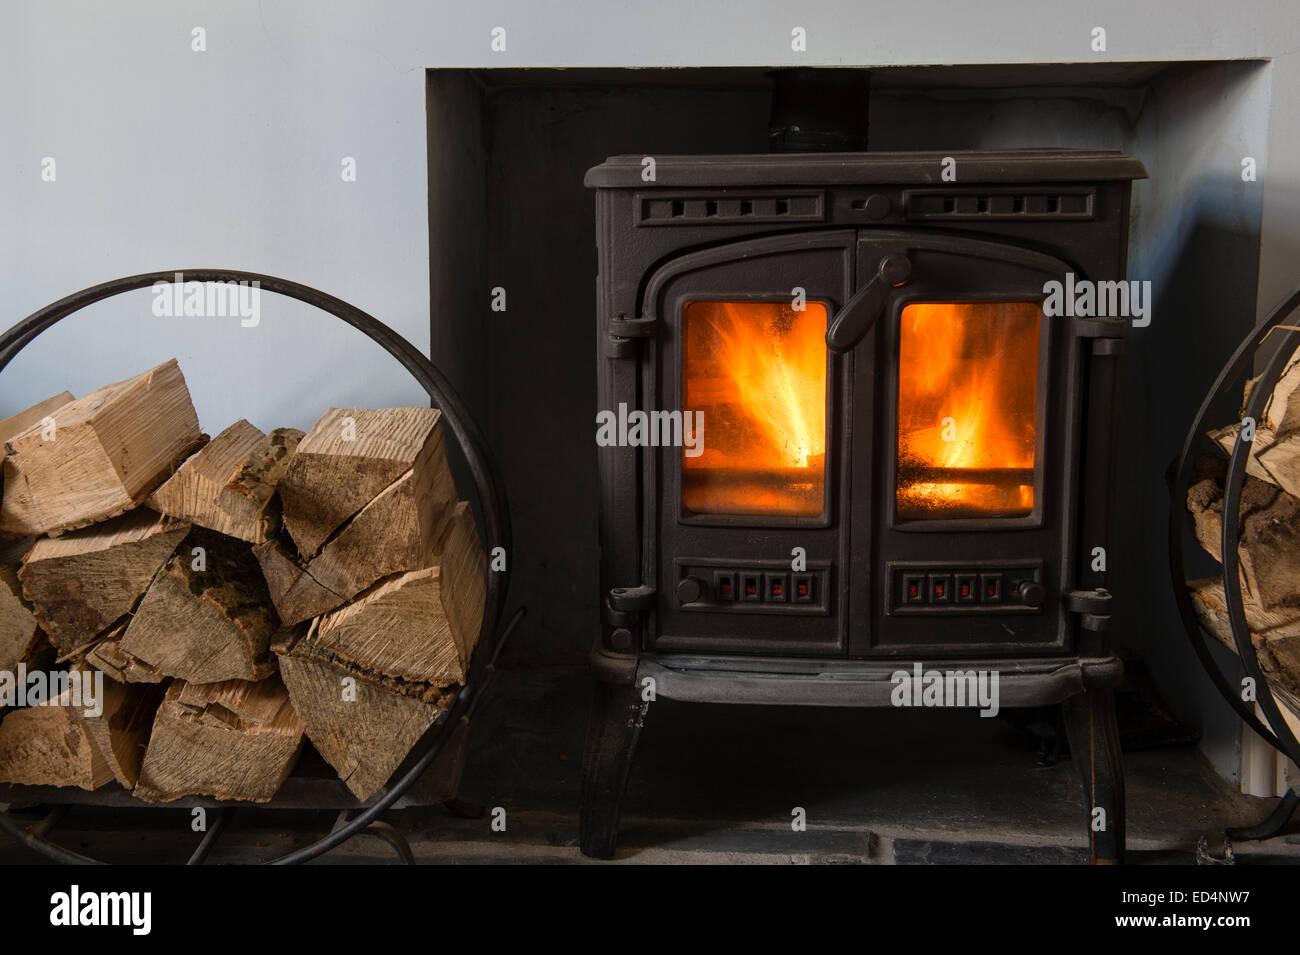 Cast Iron Fireplace Stock Photos Amp Cast Iron Fireplace